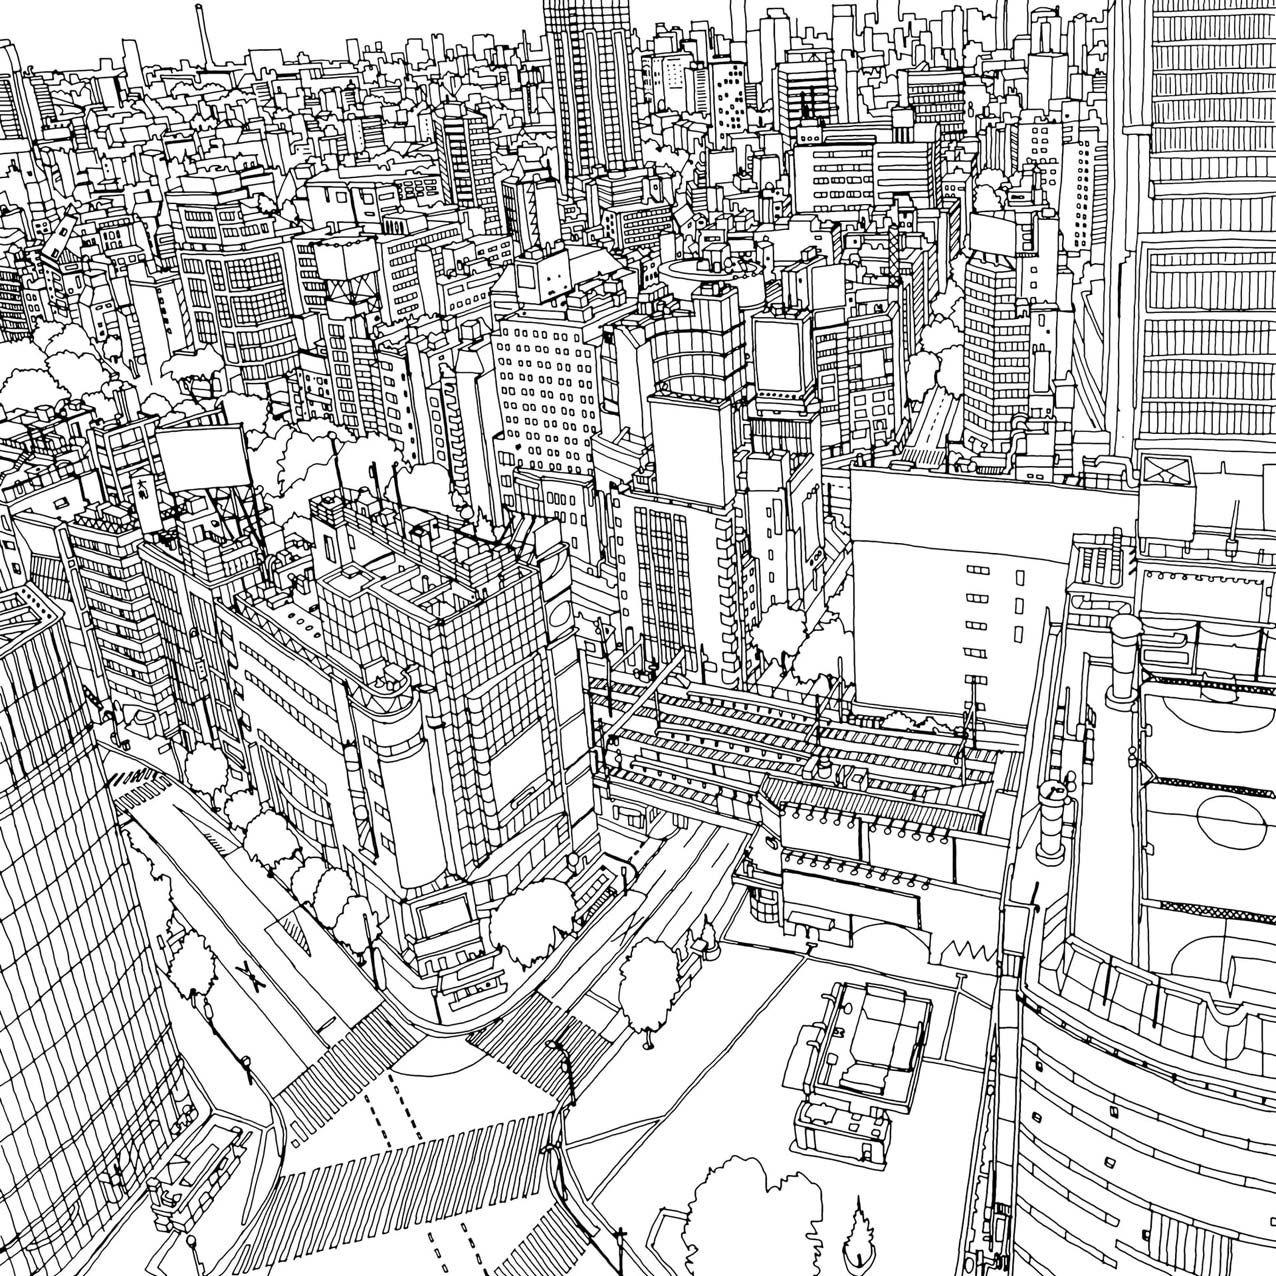 Tokyo Japan Kleurplaten Kleurboek Kleurplaten Voor Volwassenen